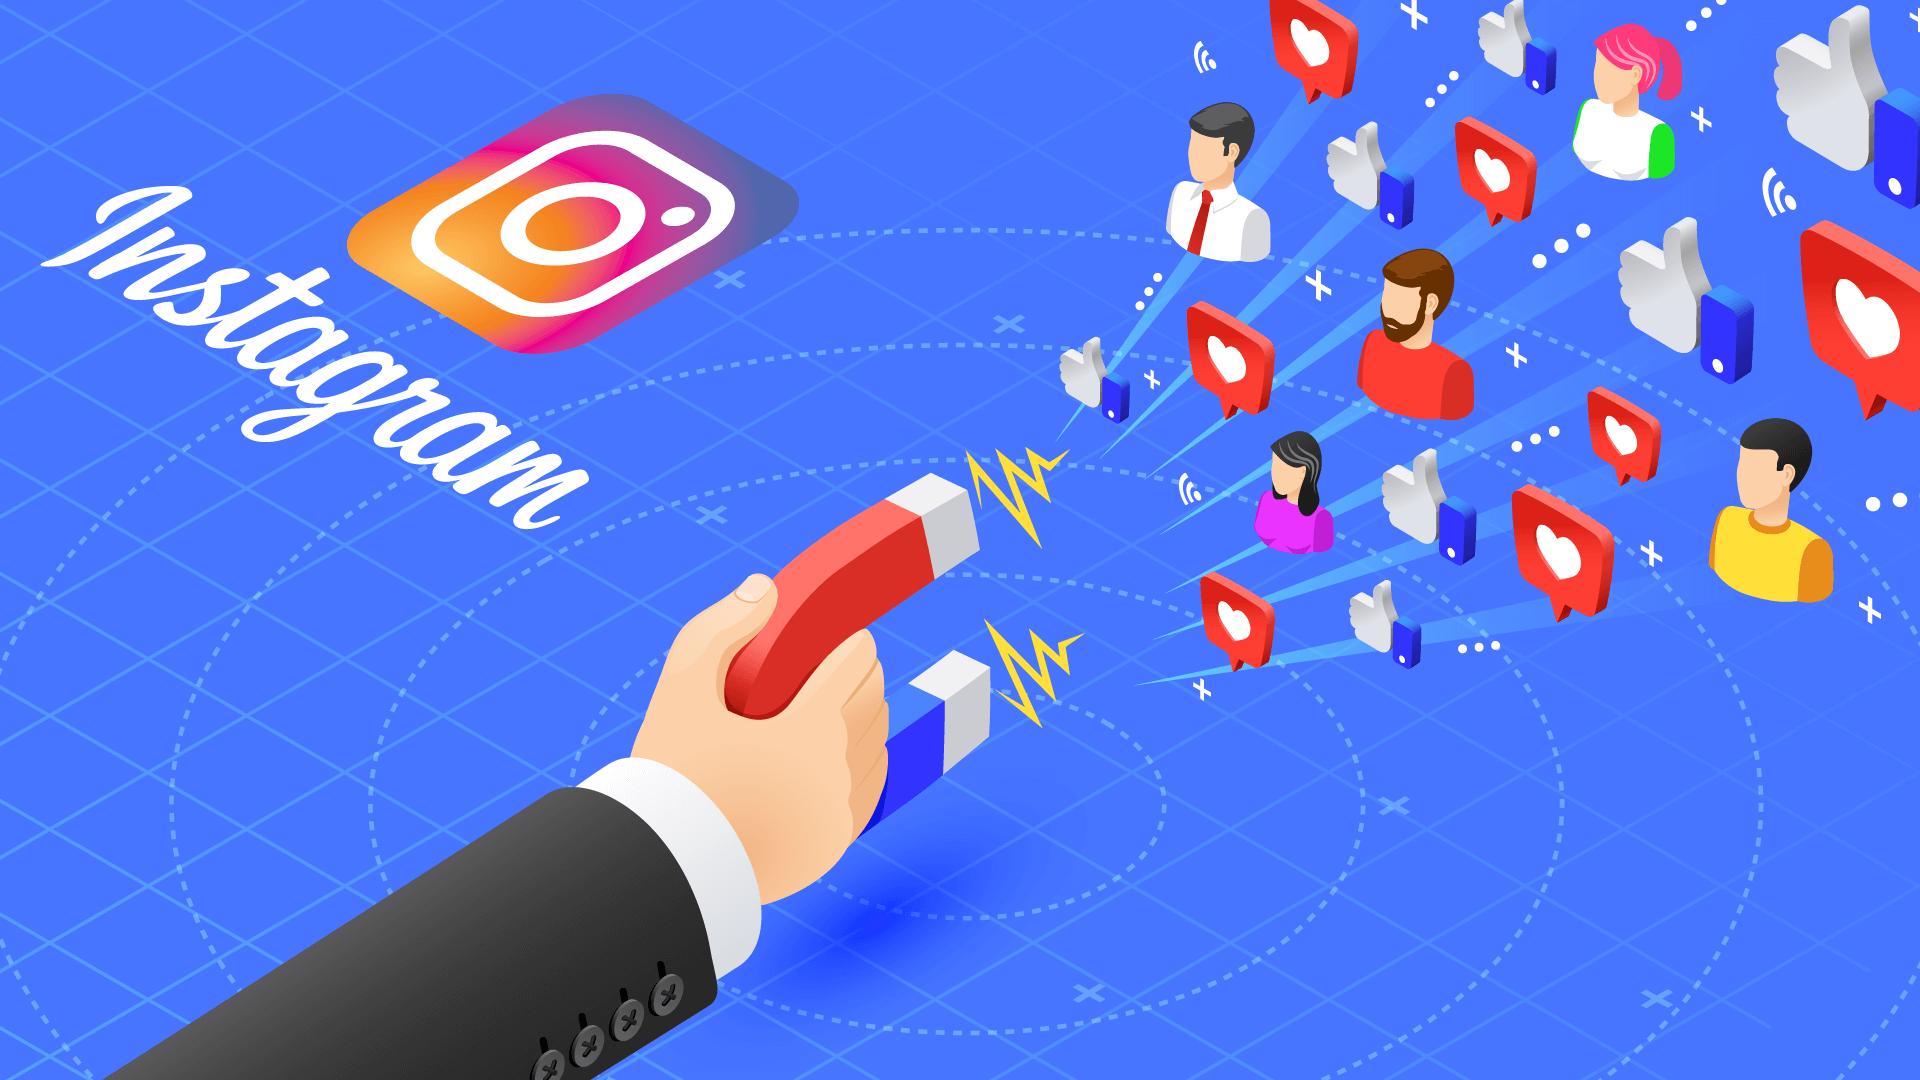 как накрутить подписчиков в инстаграмм